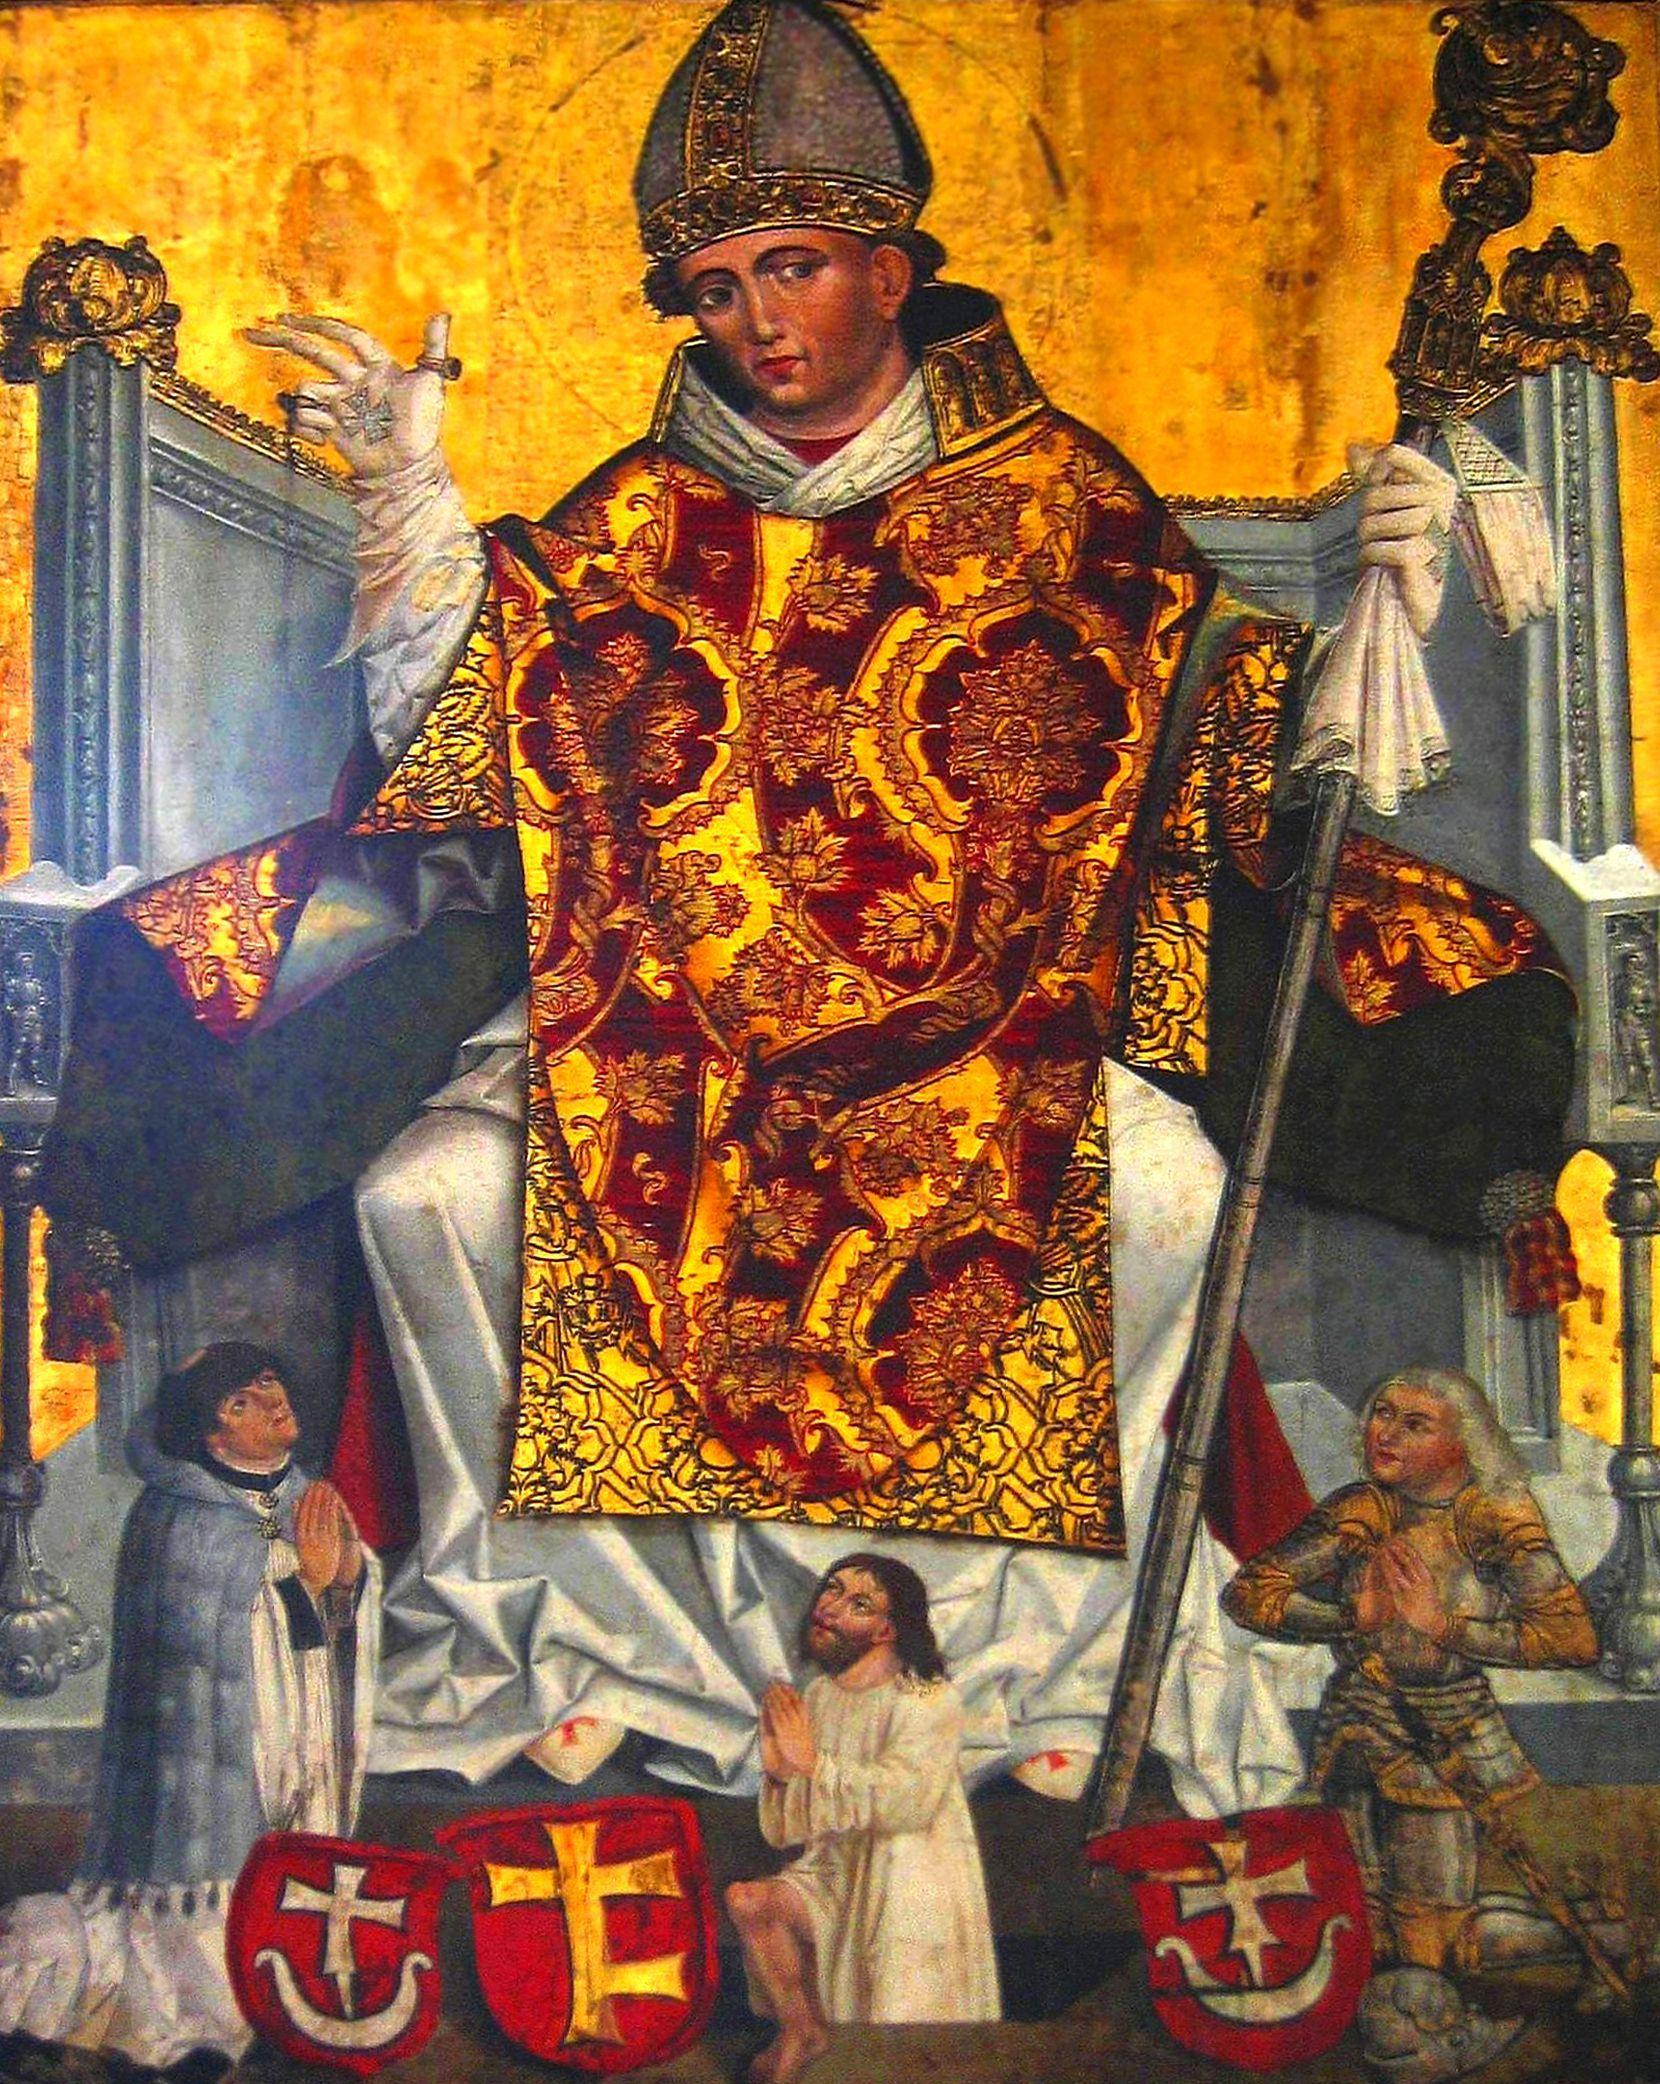 Wbrew legendzie Bolesław wcale nie zarąbał własnoręcznie biskupa Stanisława. Skazał go jednak na obcięcie członków. Na ilustracji obraz przedstawiający świętego Stanisława z około 1490 roku. Znajduje się on w klasztorze franciszkanów w Krakowie.